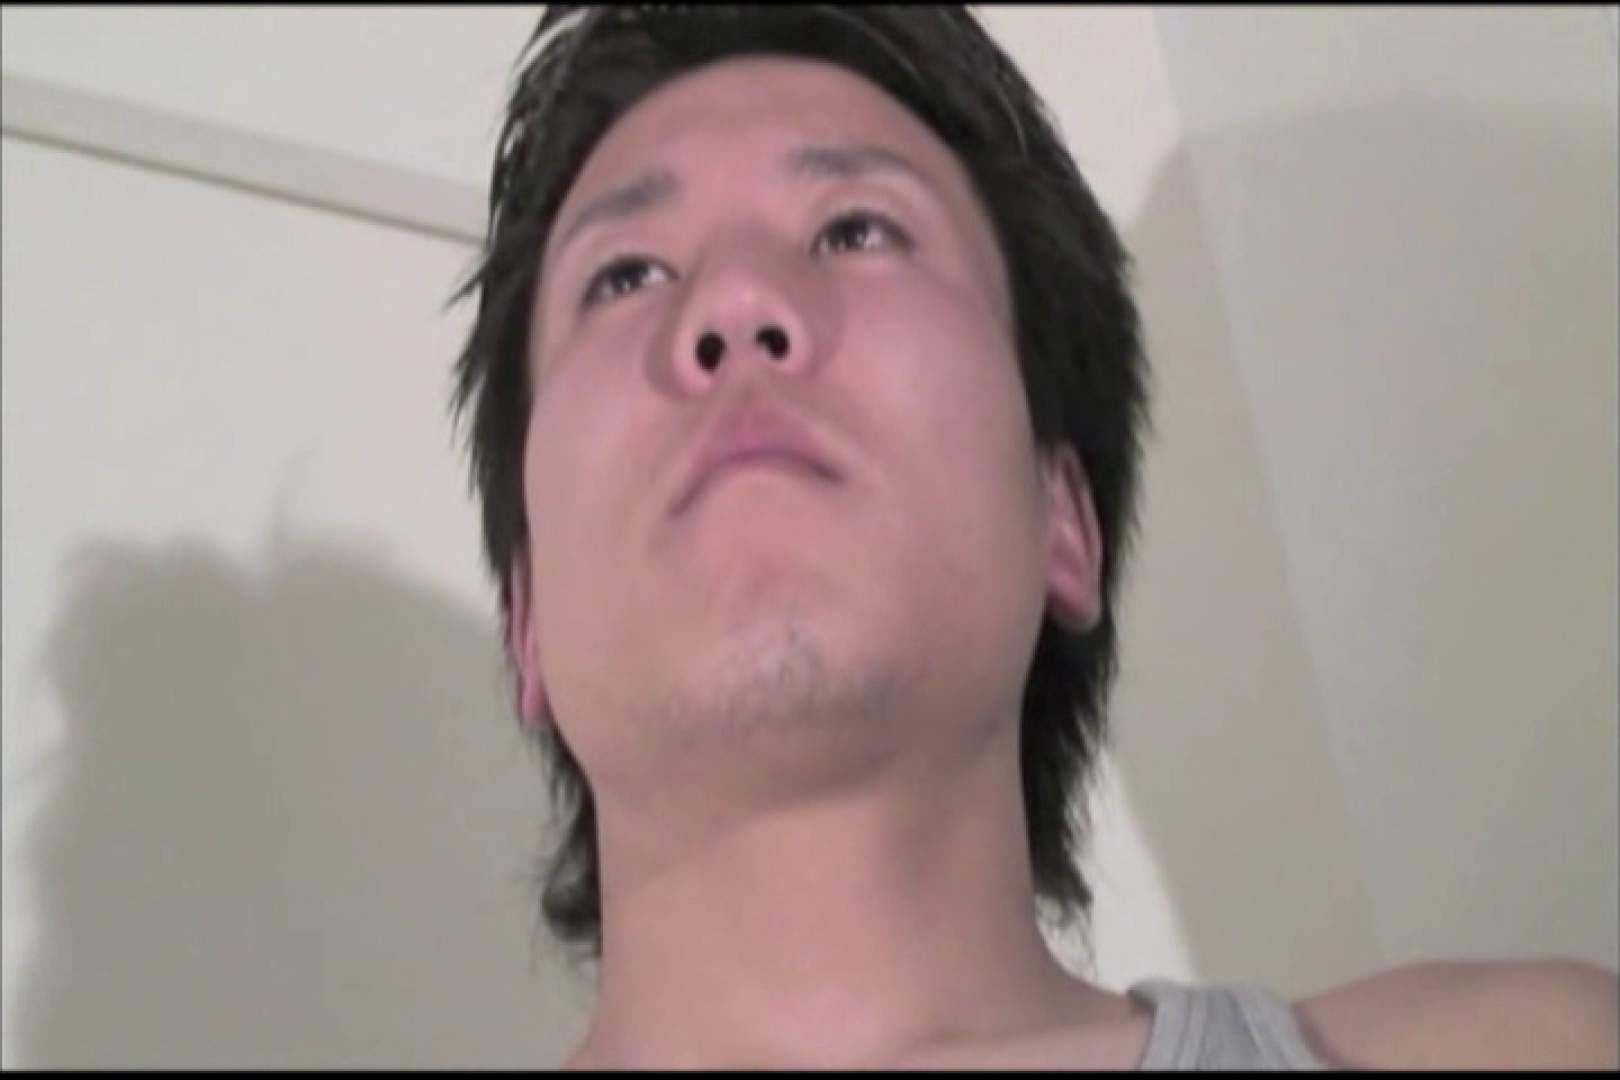 モデルにいそうな切れ長の目をもつイケメン。 スジ筋系男子 ゲイ無料エロ画像 87枚 52